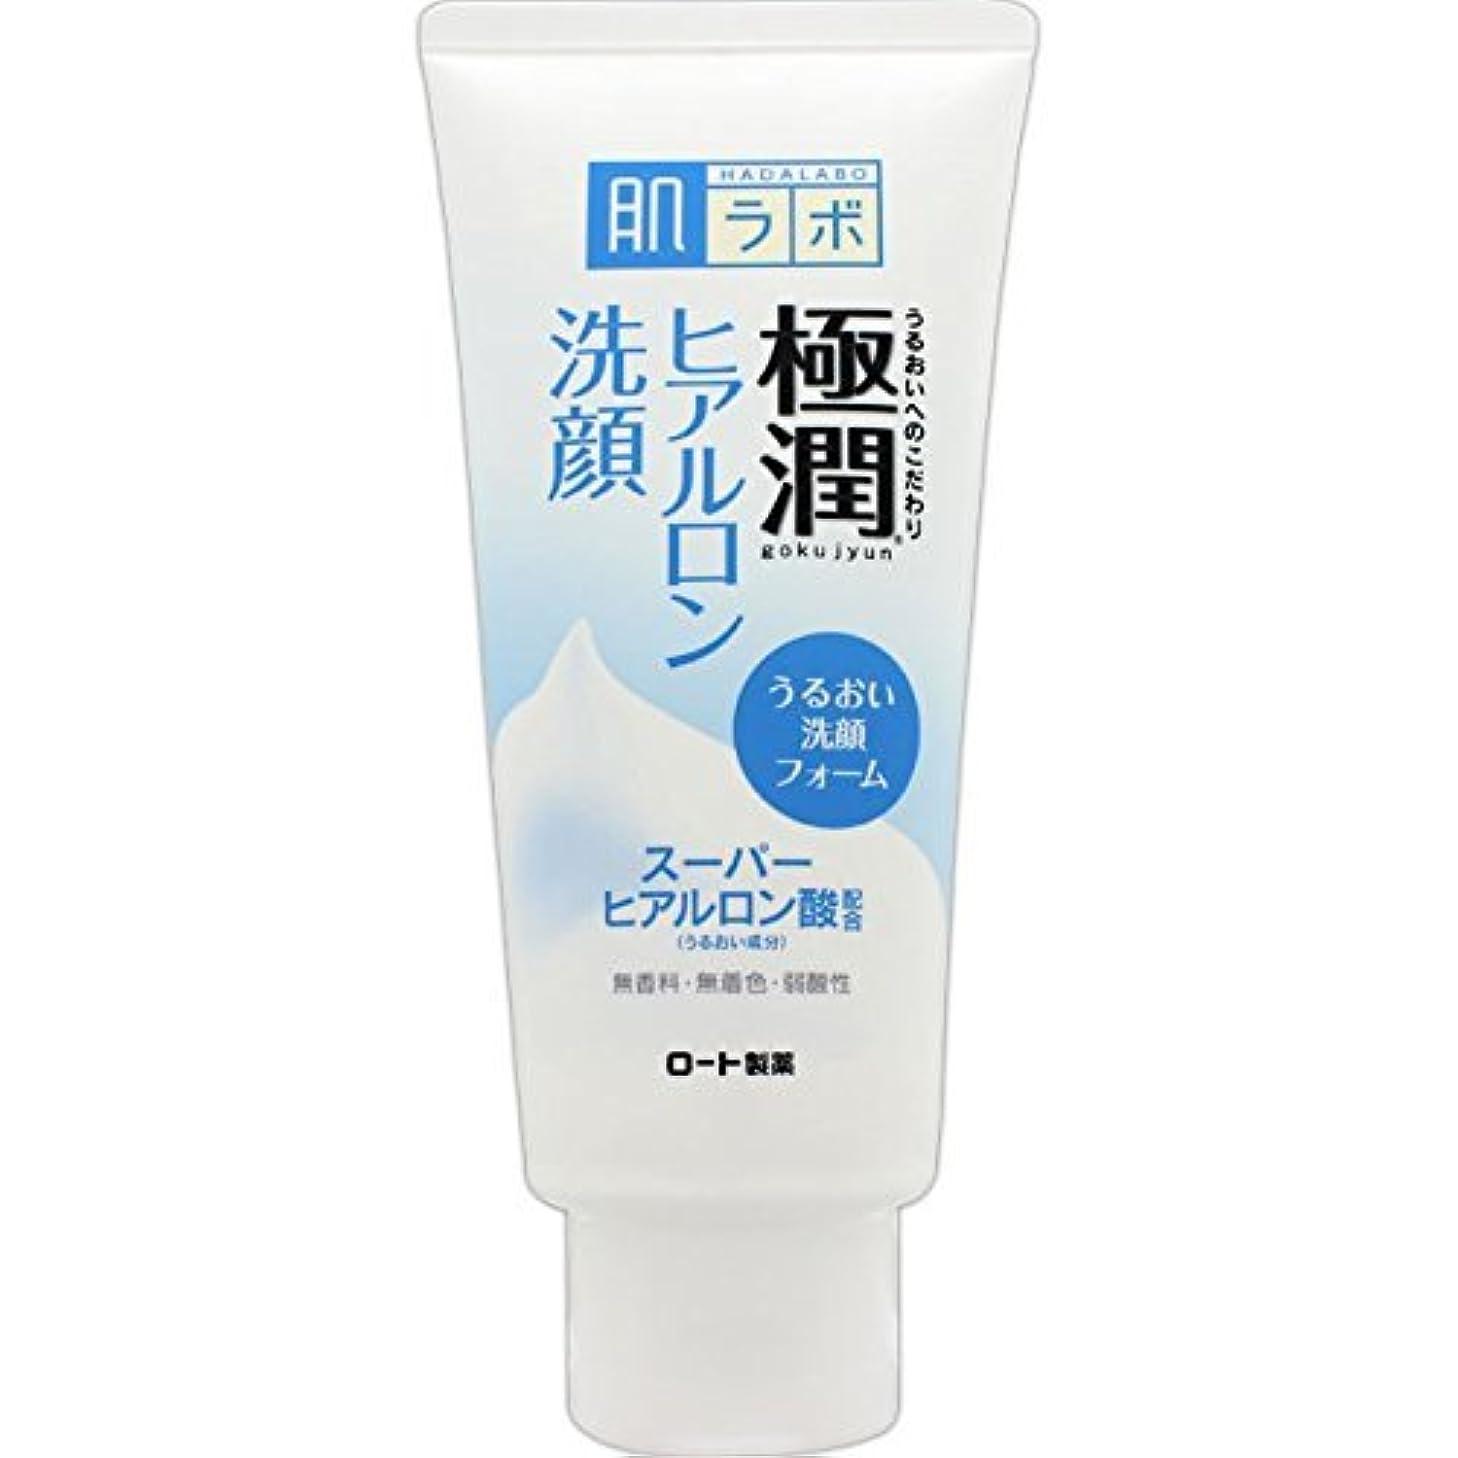 寄生虫能力柔らかい肌ラボ 極潤 ヒアルロン洗顔フォーム 100g